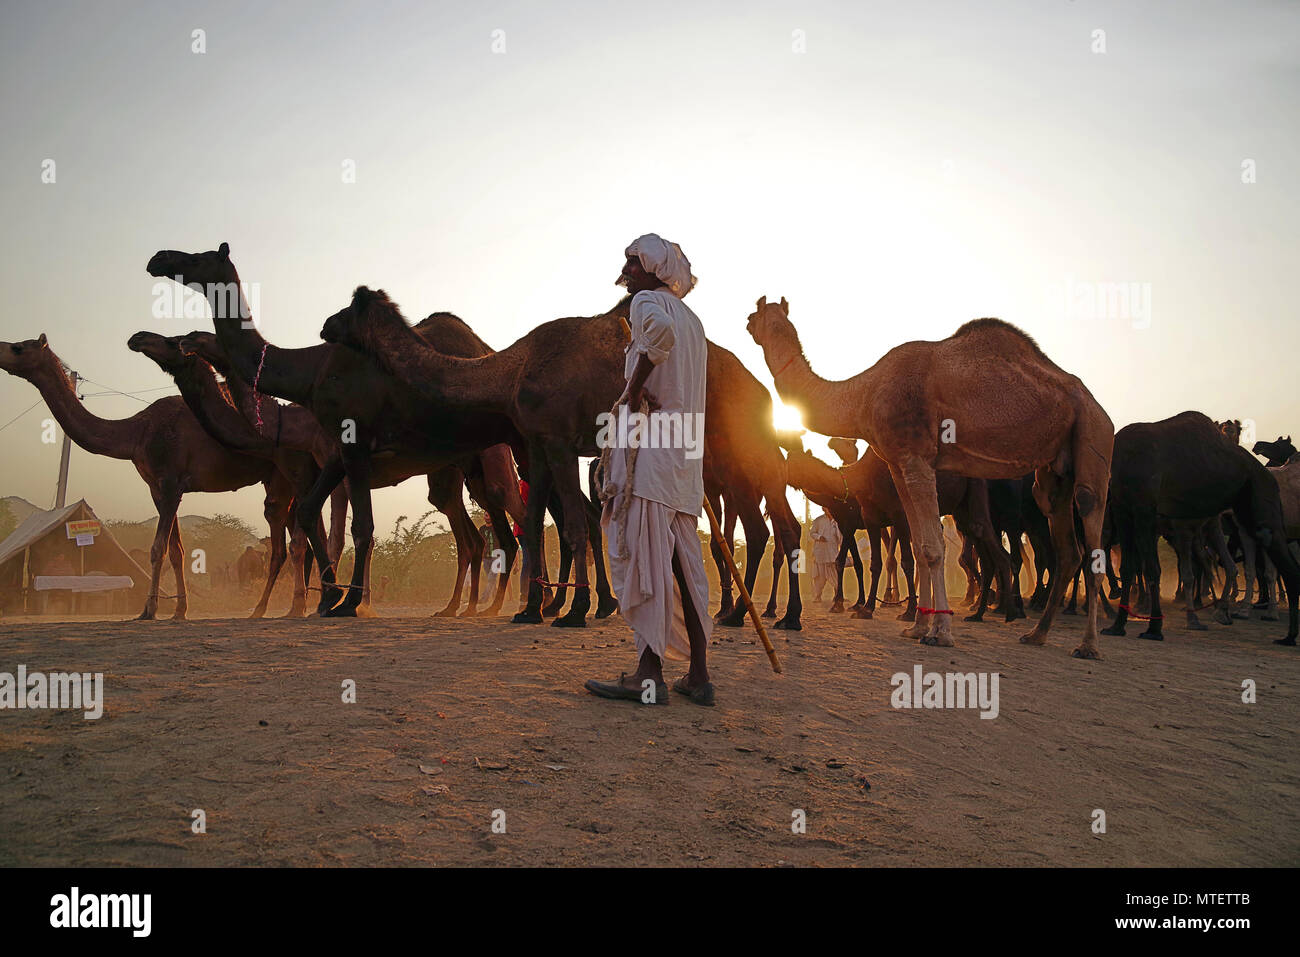 El concesionario no identificados en el mercado de camellos más grande del mundo Pushkar mela en Rajasthan, India Foto de stock